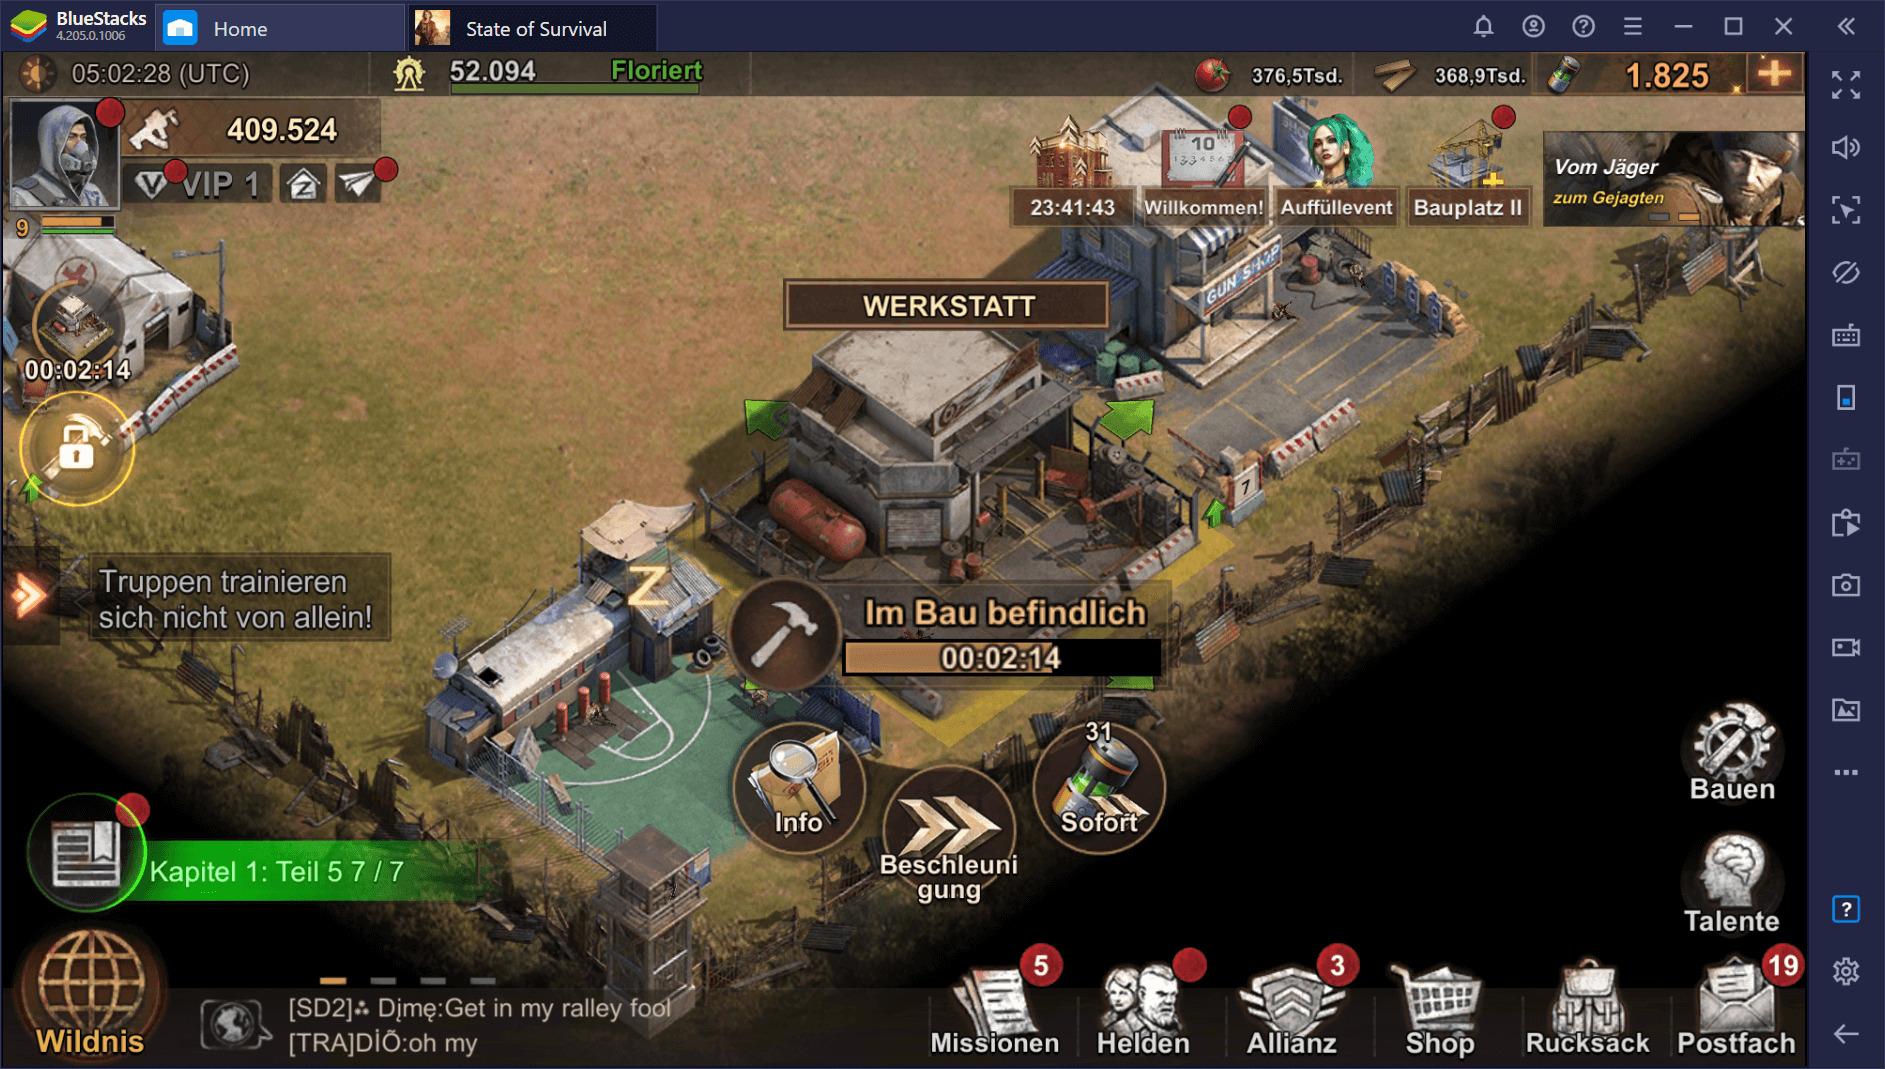 State of Survival auf dem PC: Bau eine Garnison, um der Zombie-Apokalypse standzuhalten